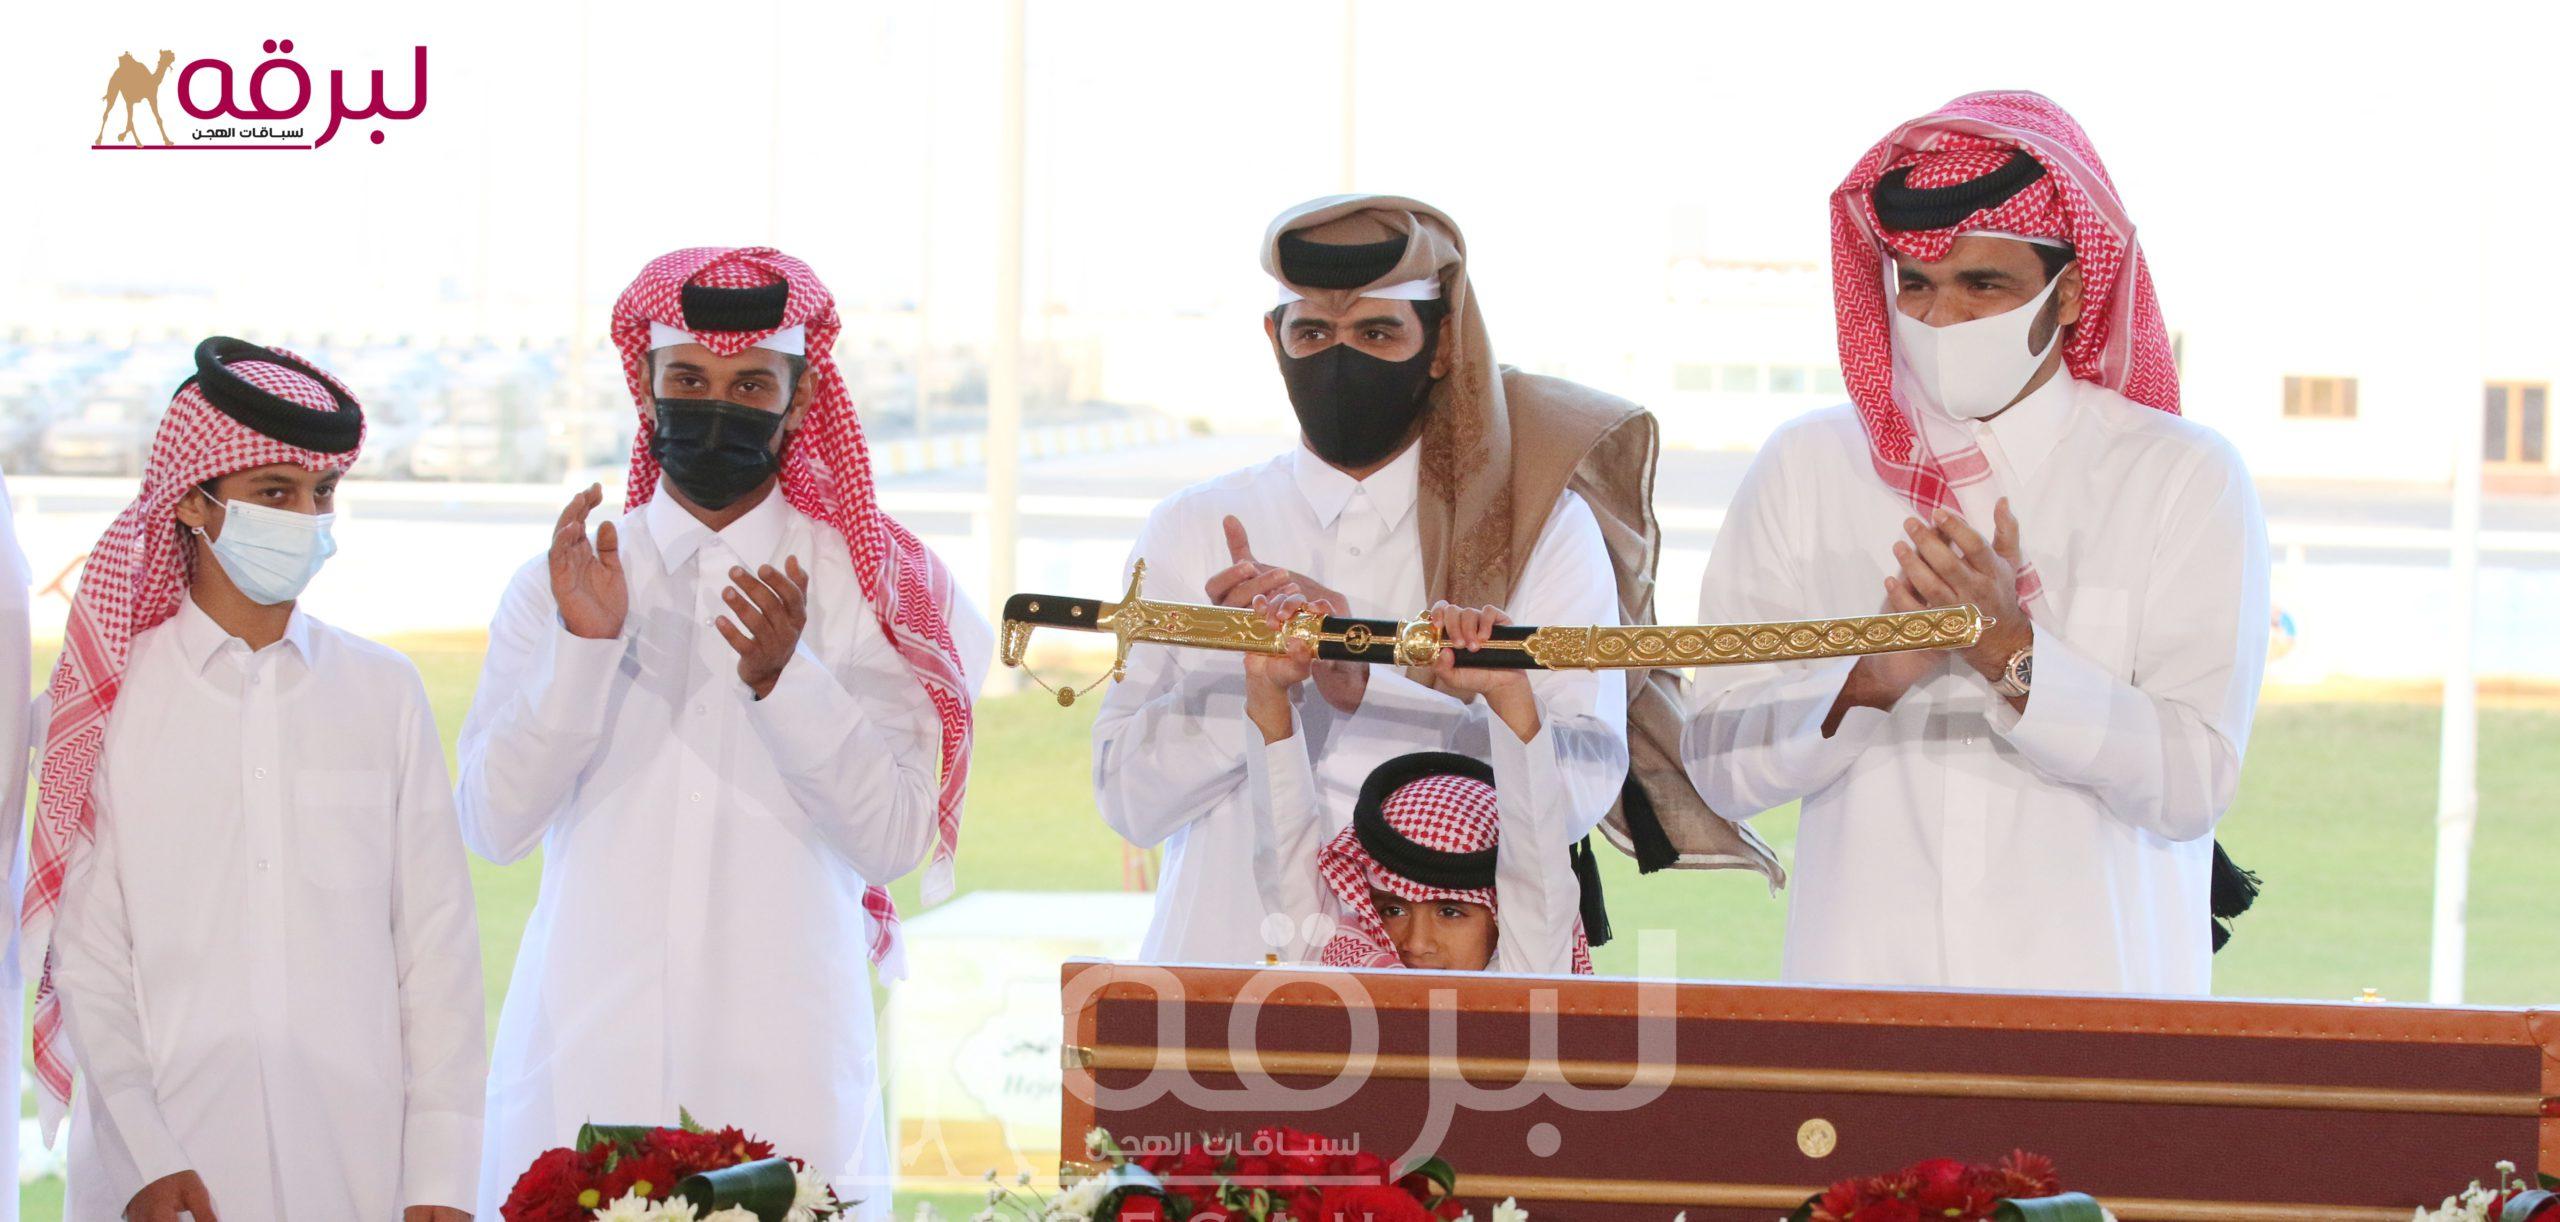 الشيخ جوعان بن حمد يتوج الفائزين برموز اليوم الختامي